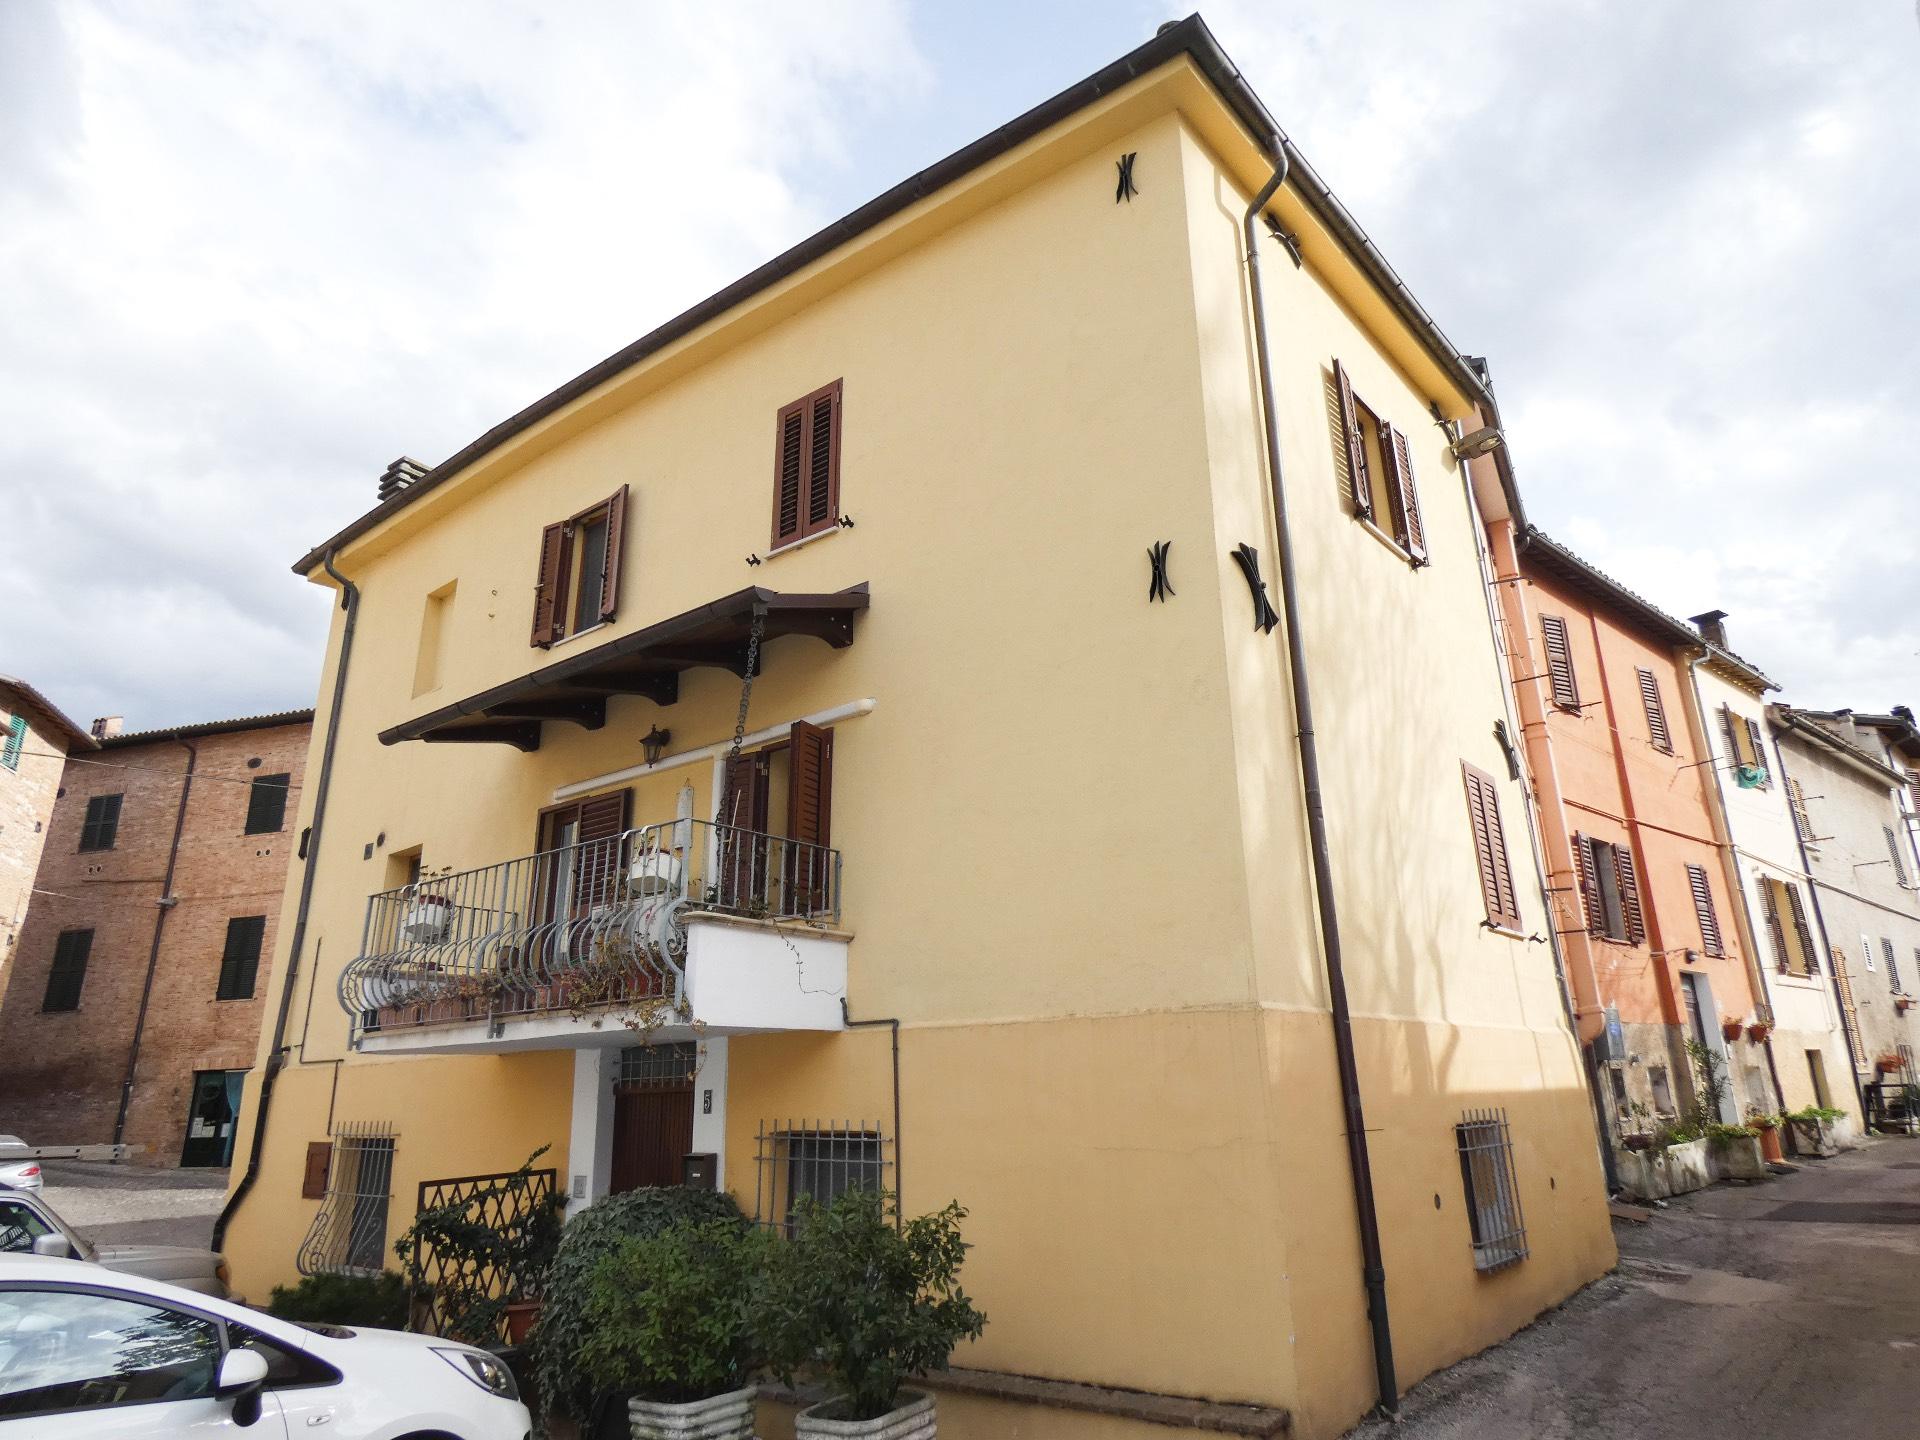 Soluzione Indipendente in vendita a Fabriano, 9 locali, zona Località: CENTROSTORICO, prezzo € 152.000 | CambioCasa.it